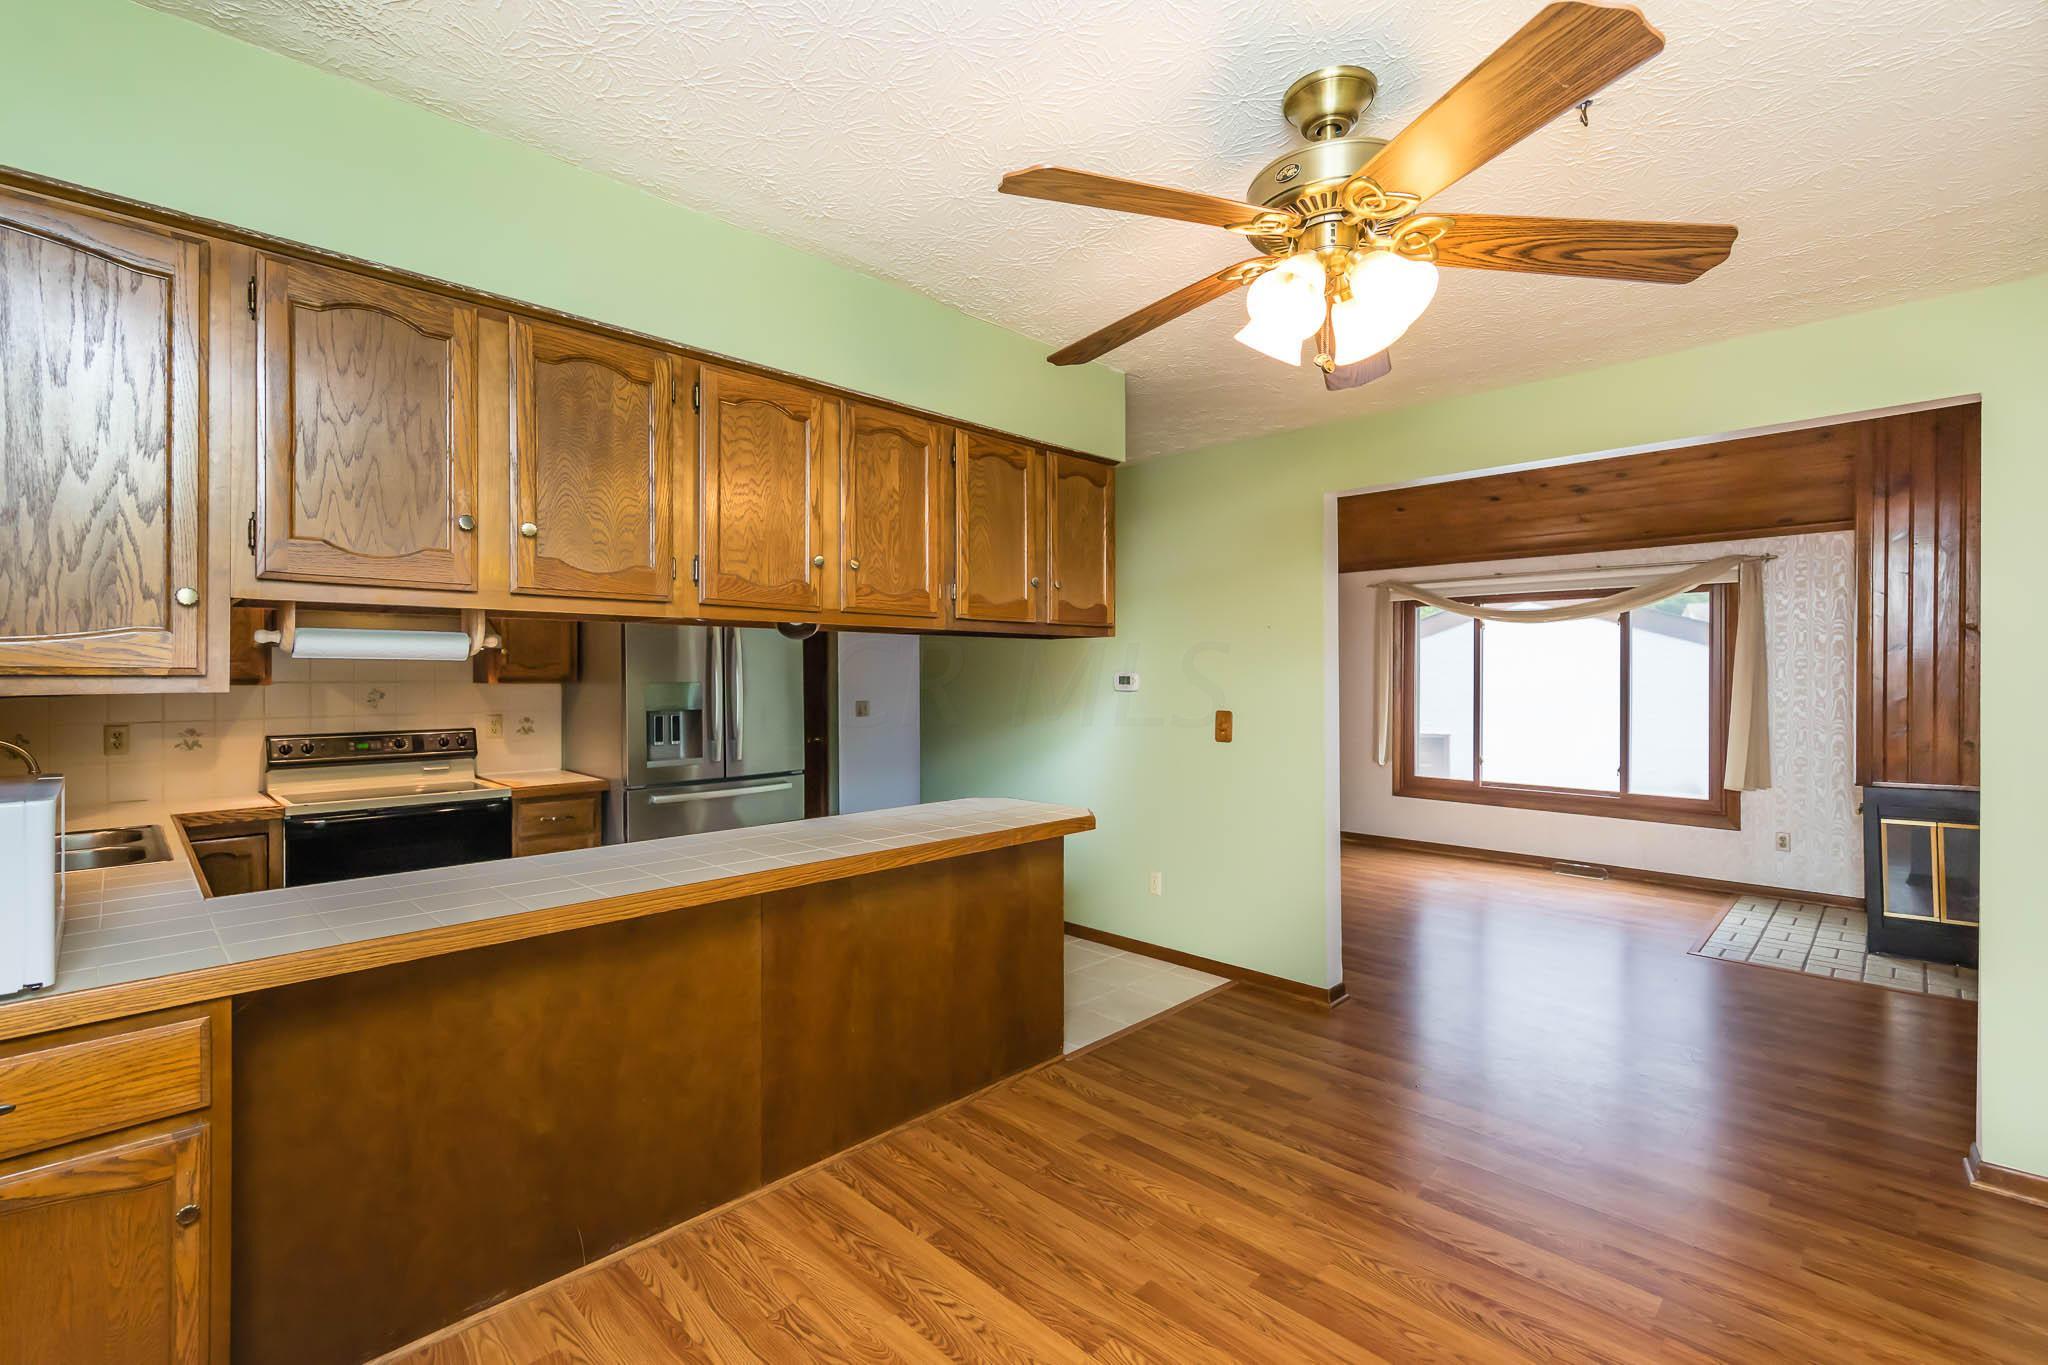 6358 Chippenhook Court, Dublin, Ohio 43017, 3 Bedrooms Bedrooms, ,2 BathroomsBathrooms,Residential,For Sale,Chippenhook,220024831